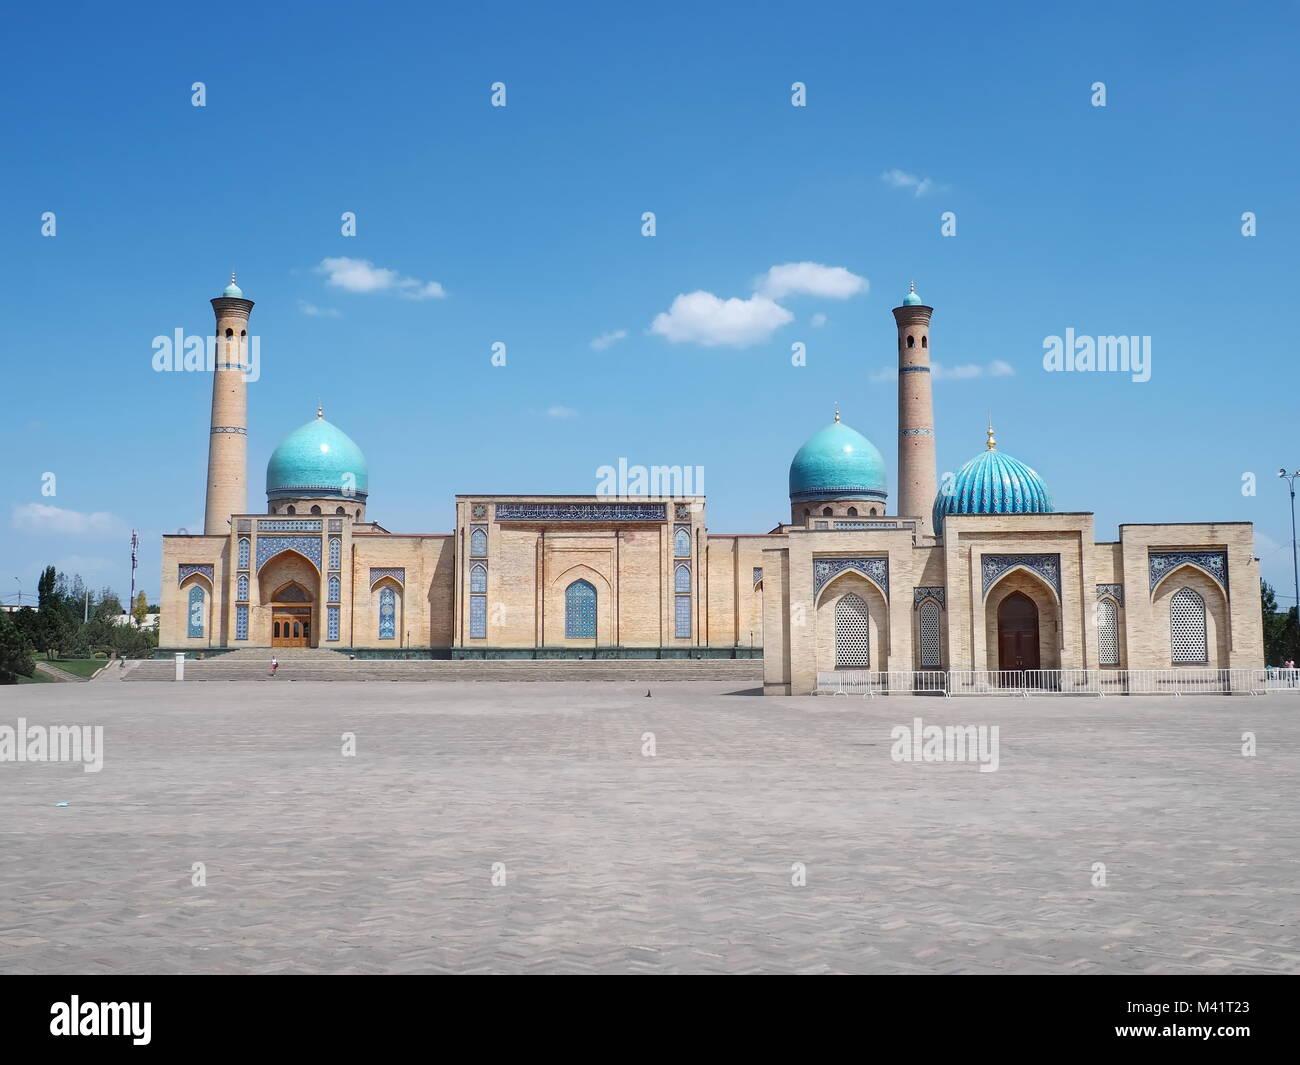 Tashkent religion